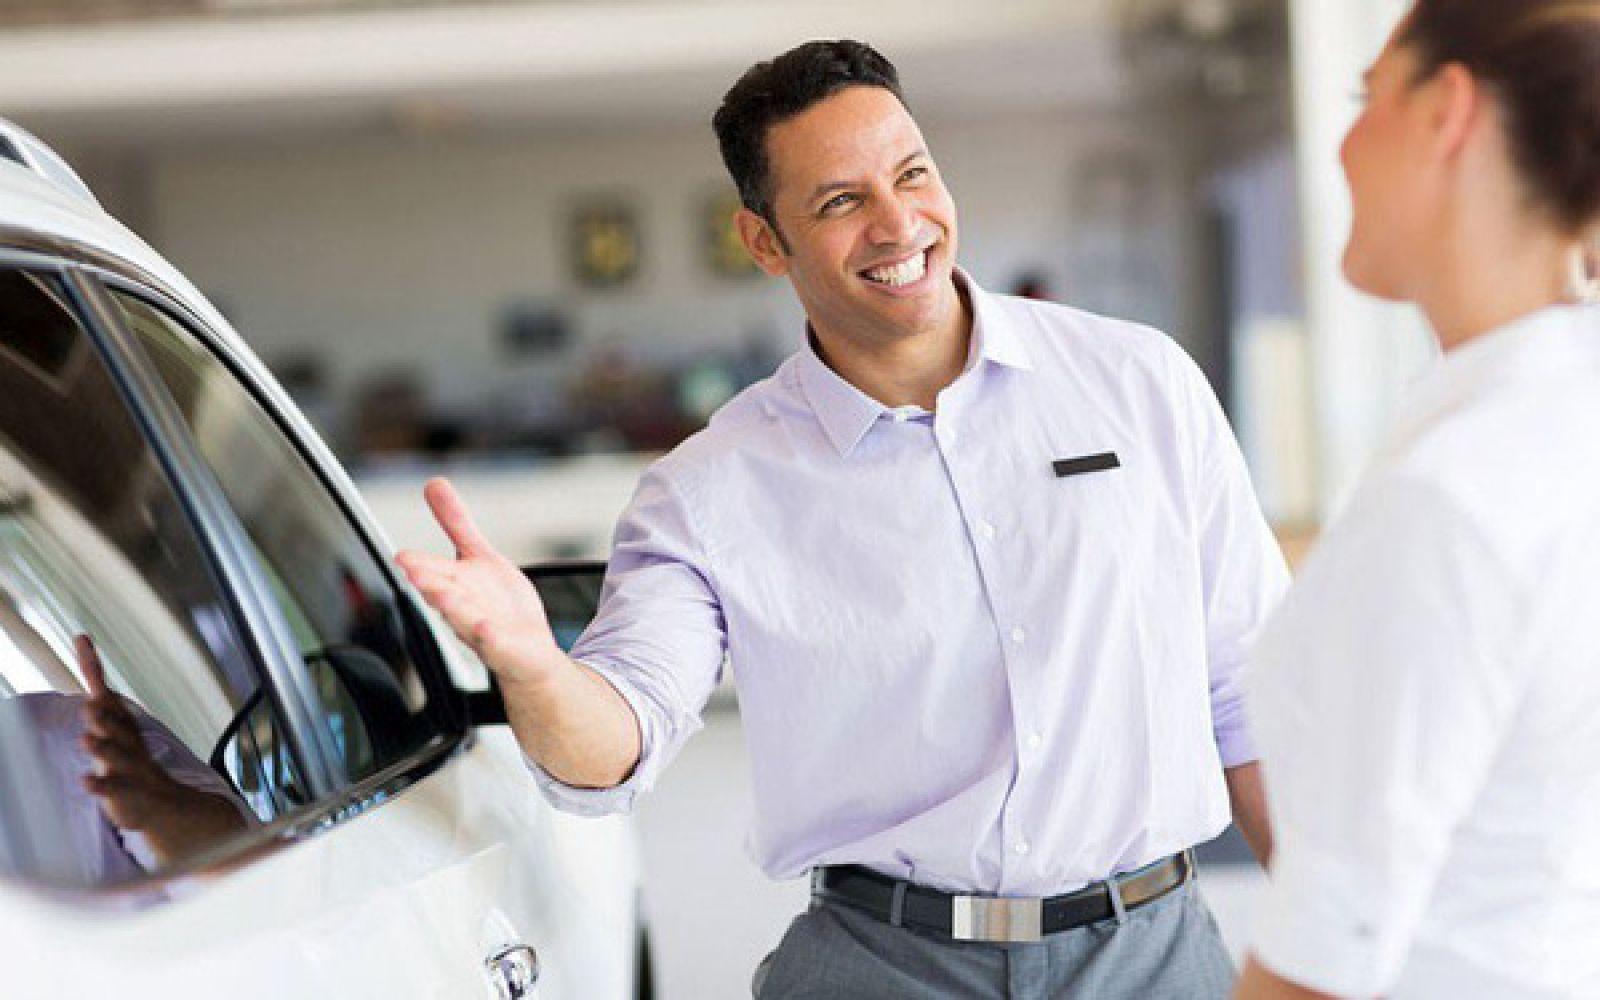 Luôn lắng nghe mọi thắc mắc của khách hàng bằng thái độ niềm nở nhất.